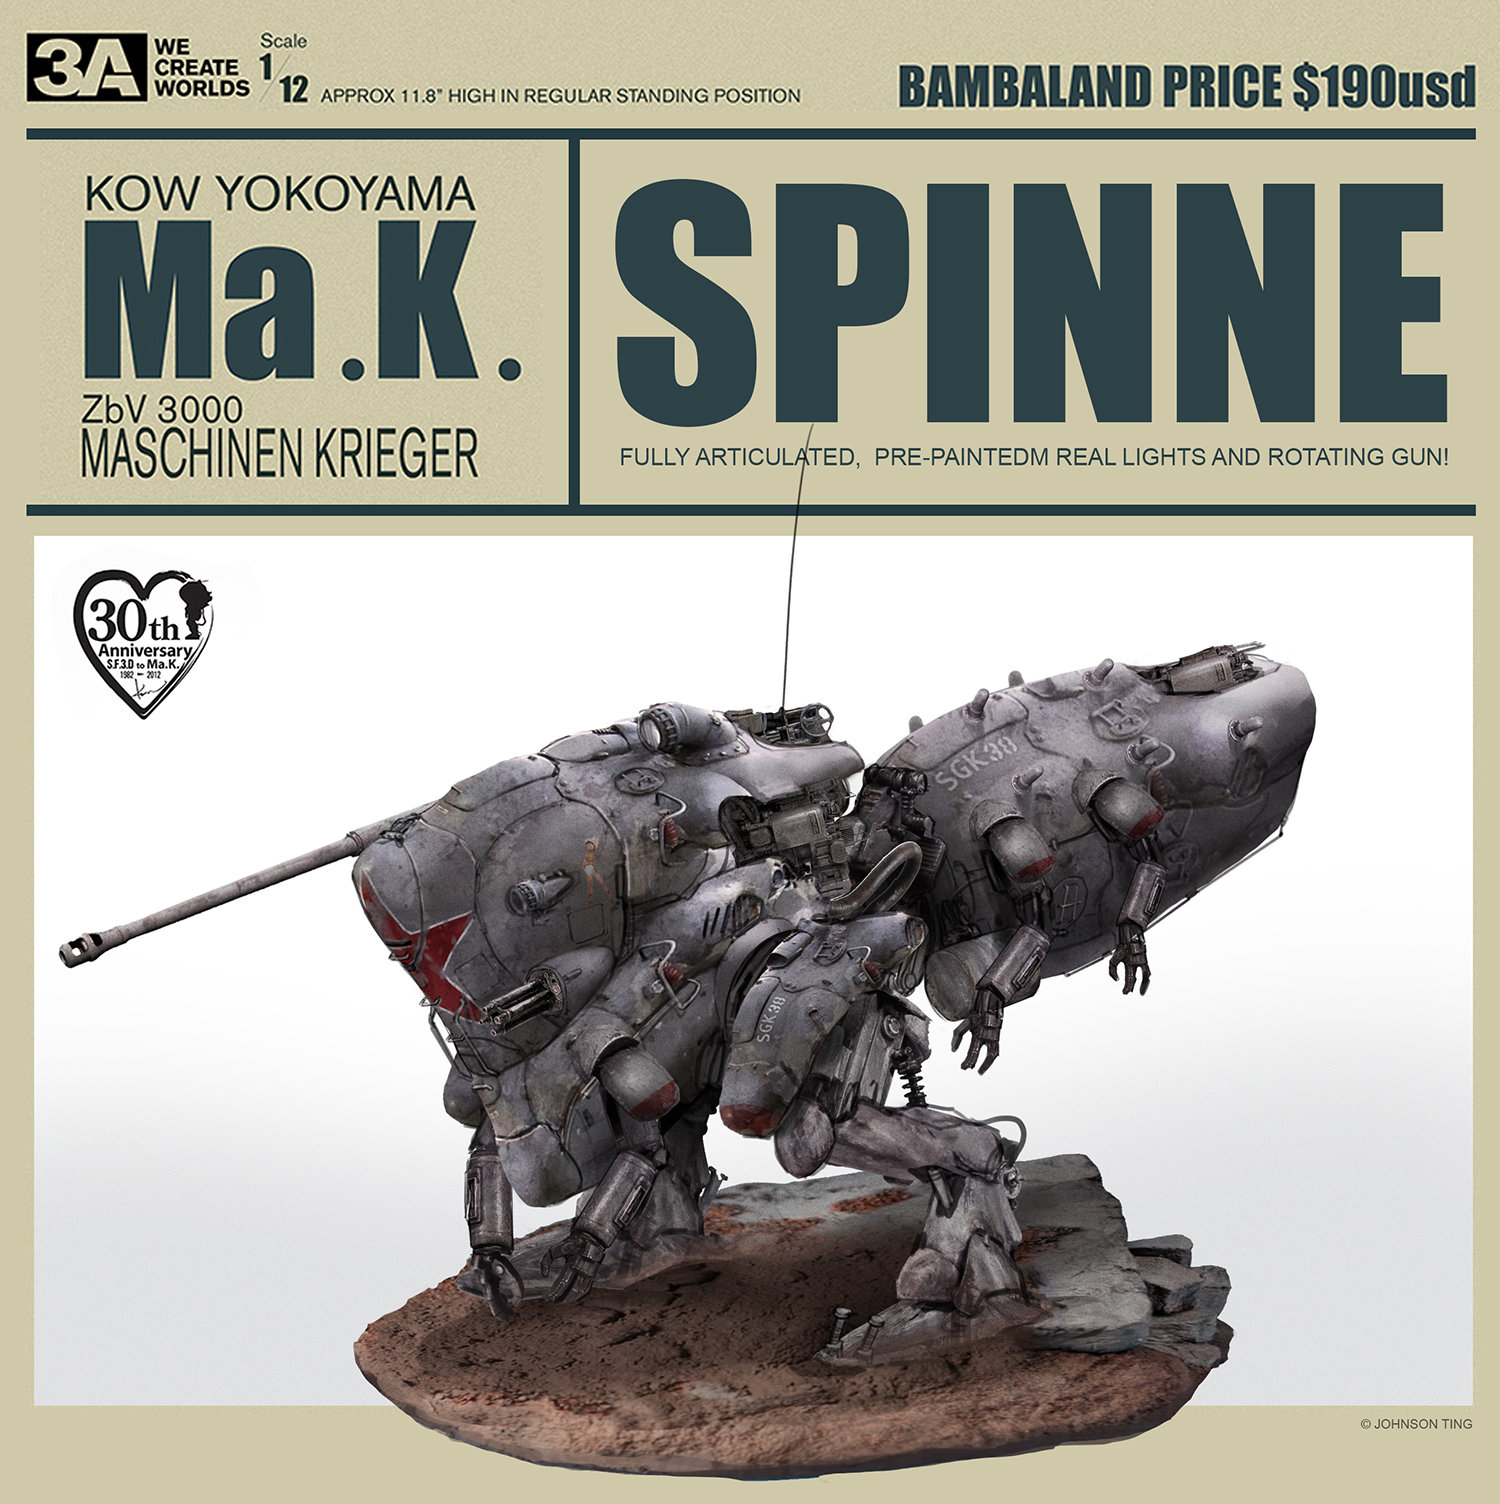 Ma.K. SPINNE